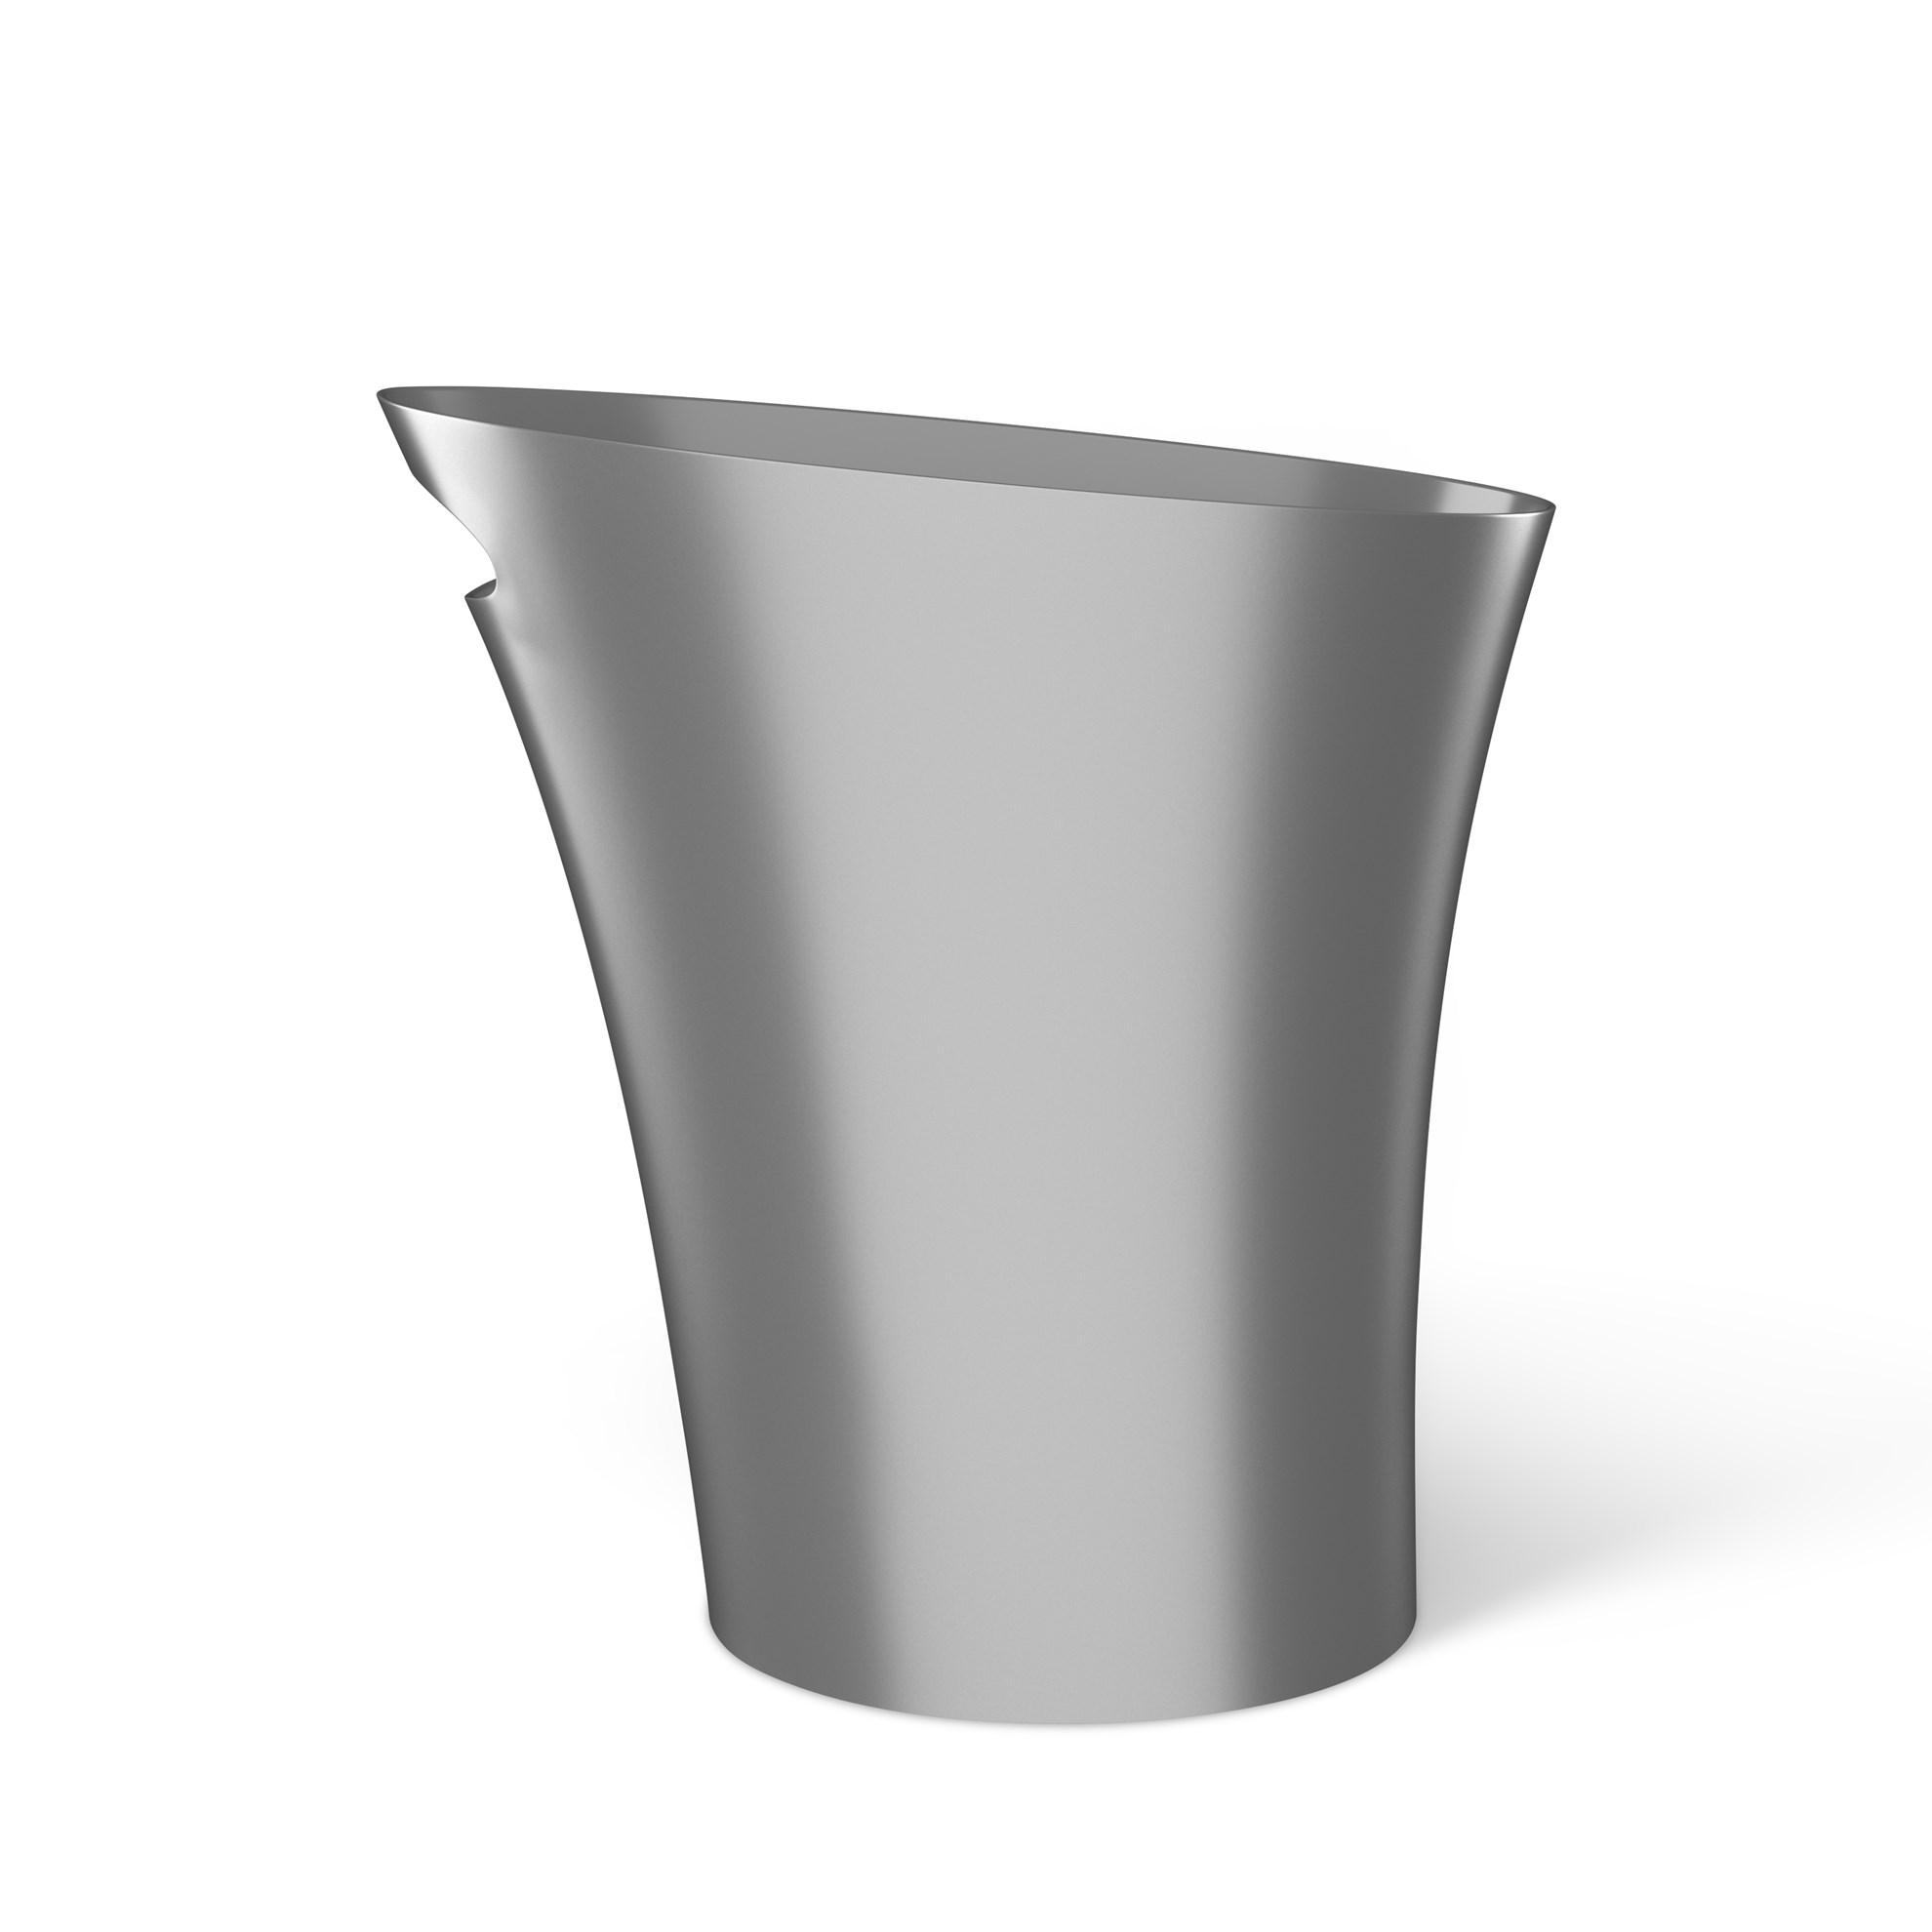 Odpadkový koš SKINNY 7,5 l stříbrný_4